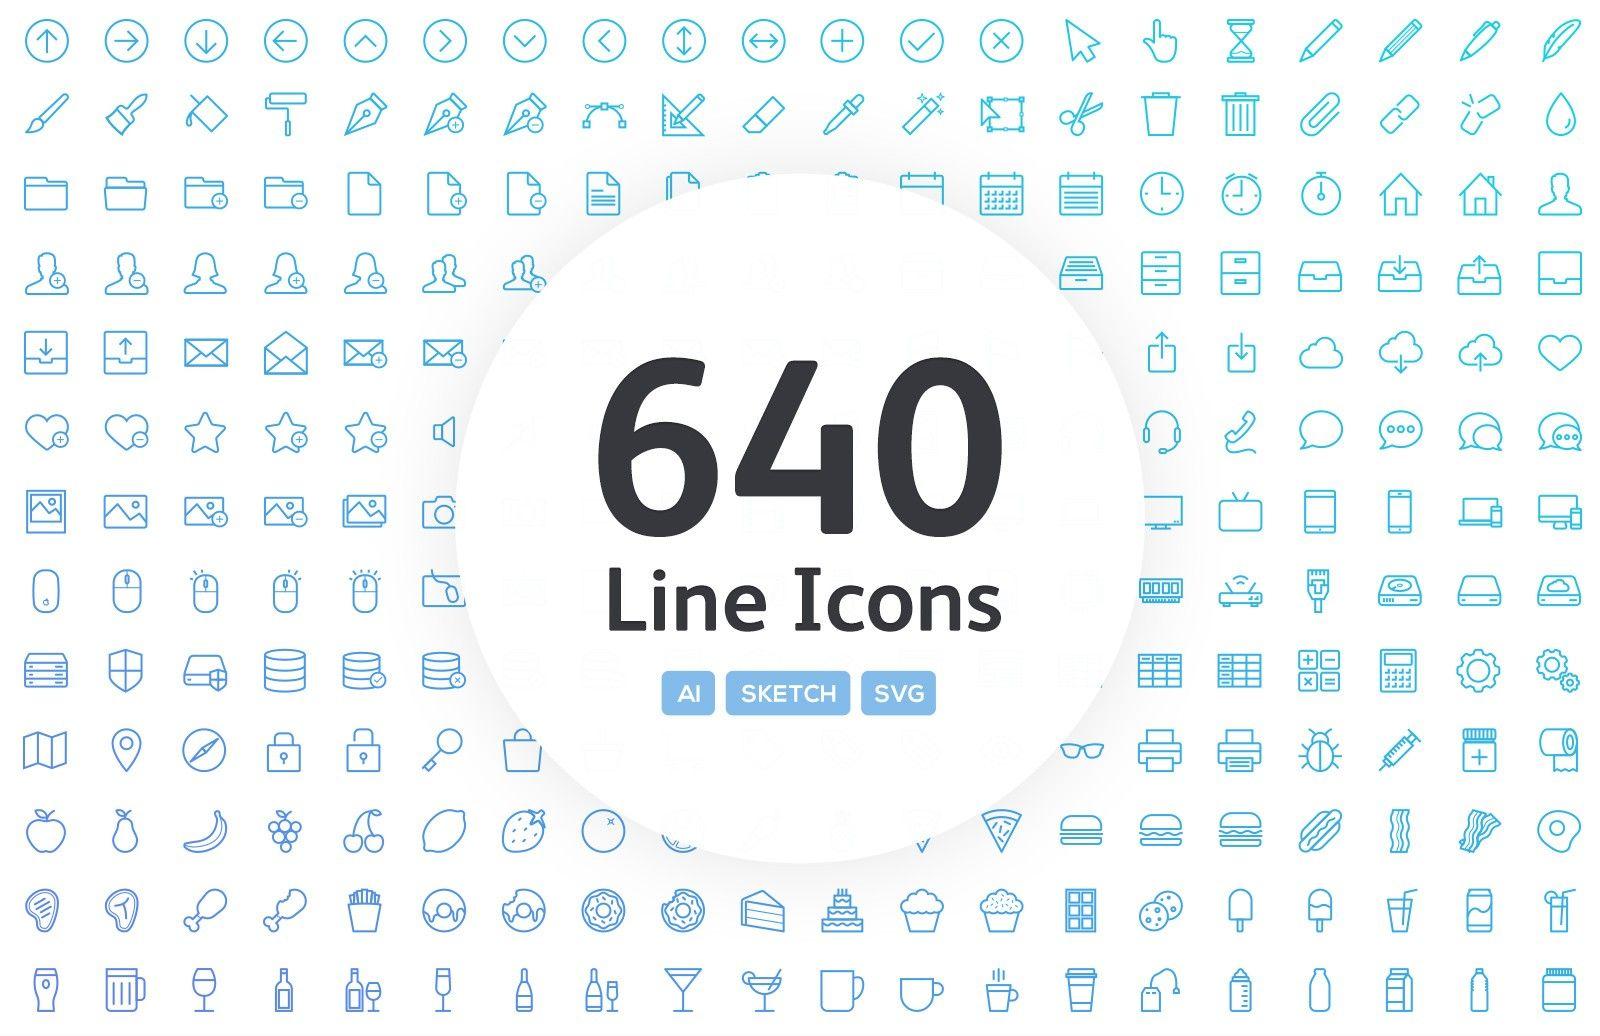 Linia Line Vector Icons Diseño grafico, Graficos